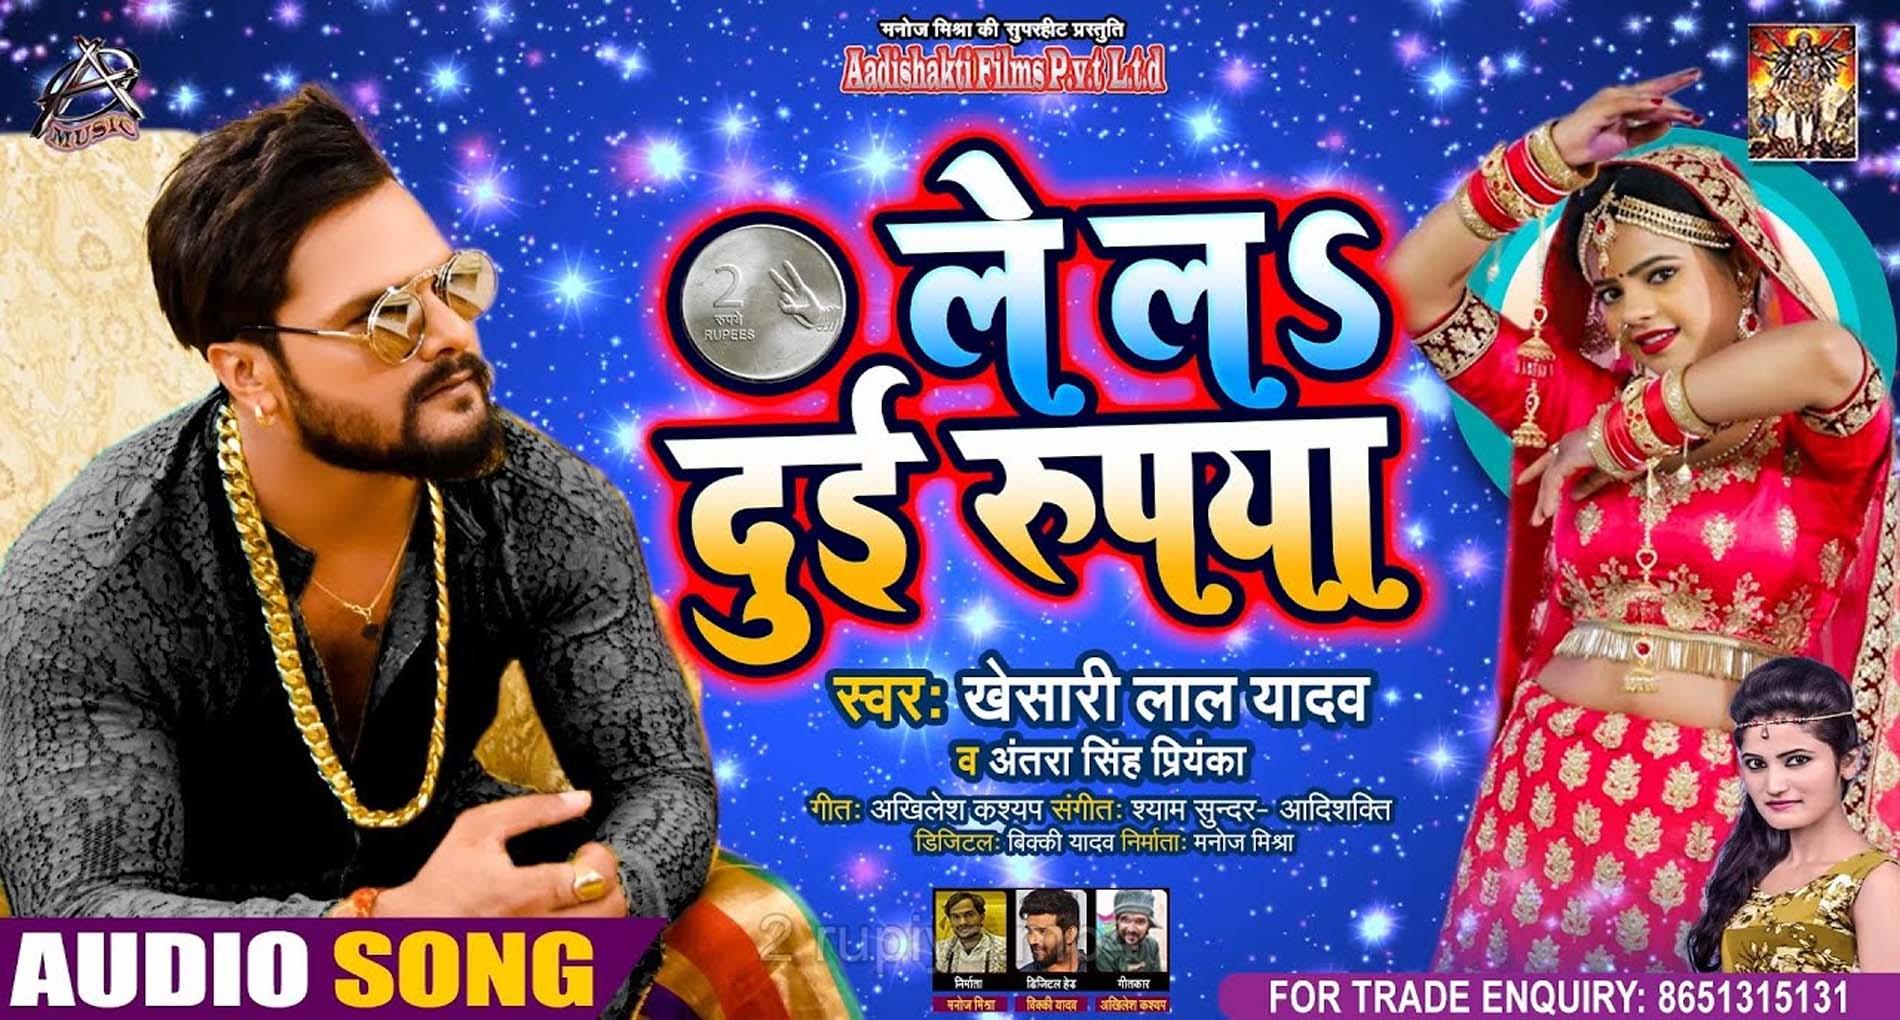 Khesari Lal Yadav Bhojpuri Song: रिलीज के साथ ही छाया खेसारी लाल का ये गाना! मिले लाखों व्यूज